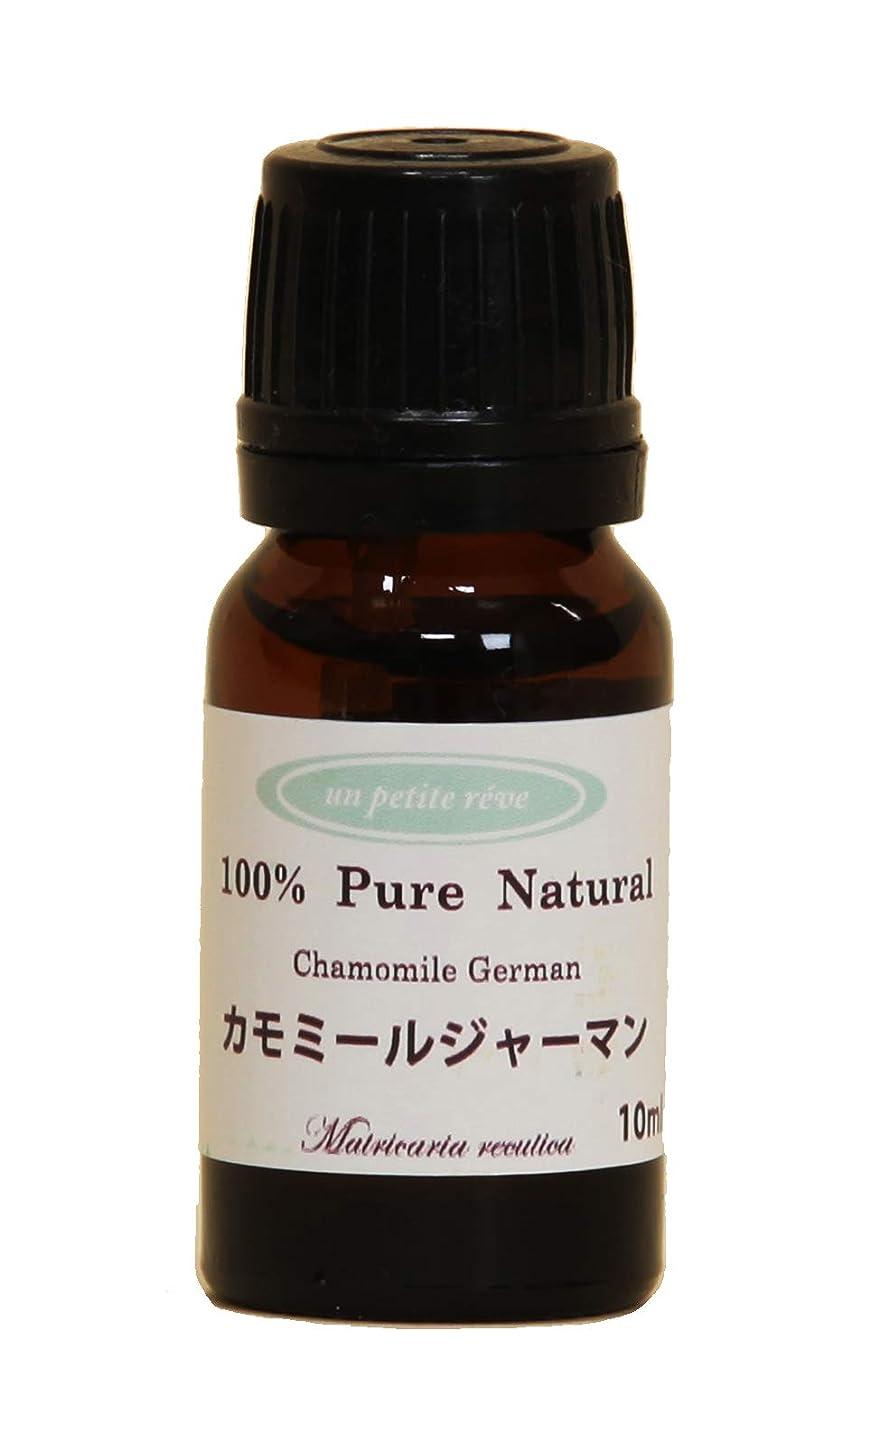 セレナ暖かさ適応するカモミールジャーマン 10ml 100%天然アロマエッセンシャルオイル(精油)